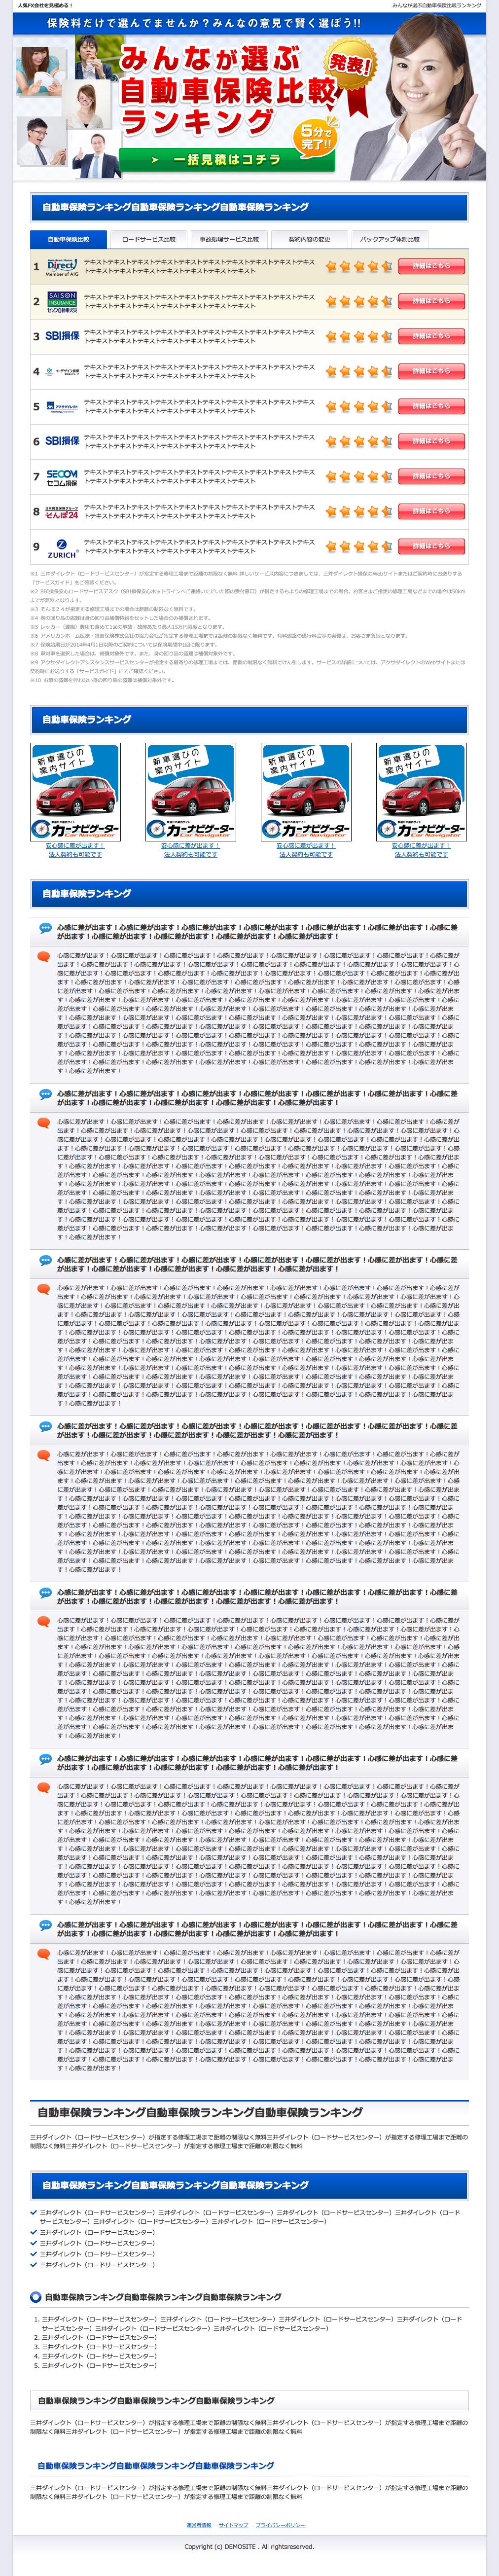 カスタマイズ例2パソコン版